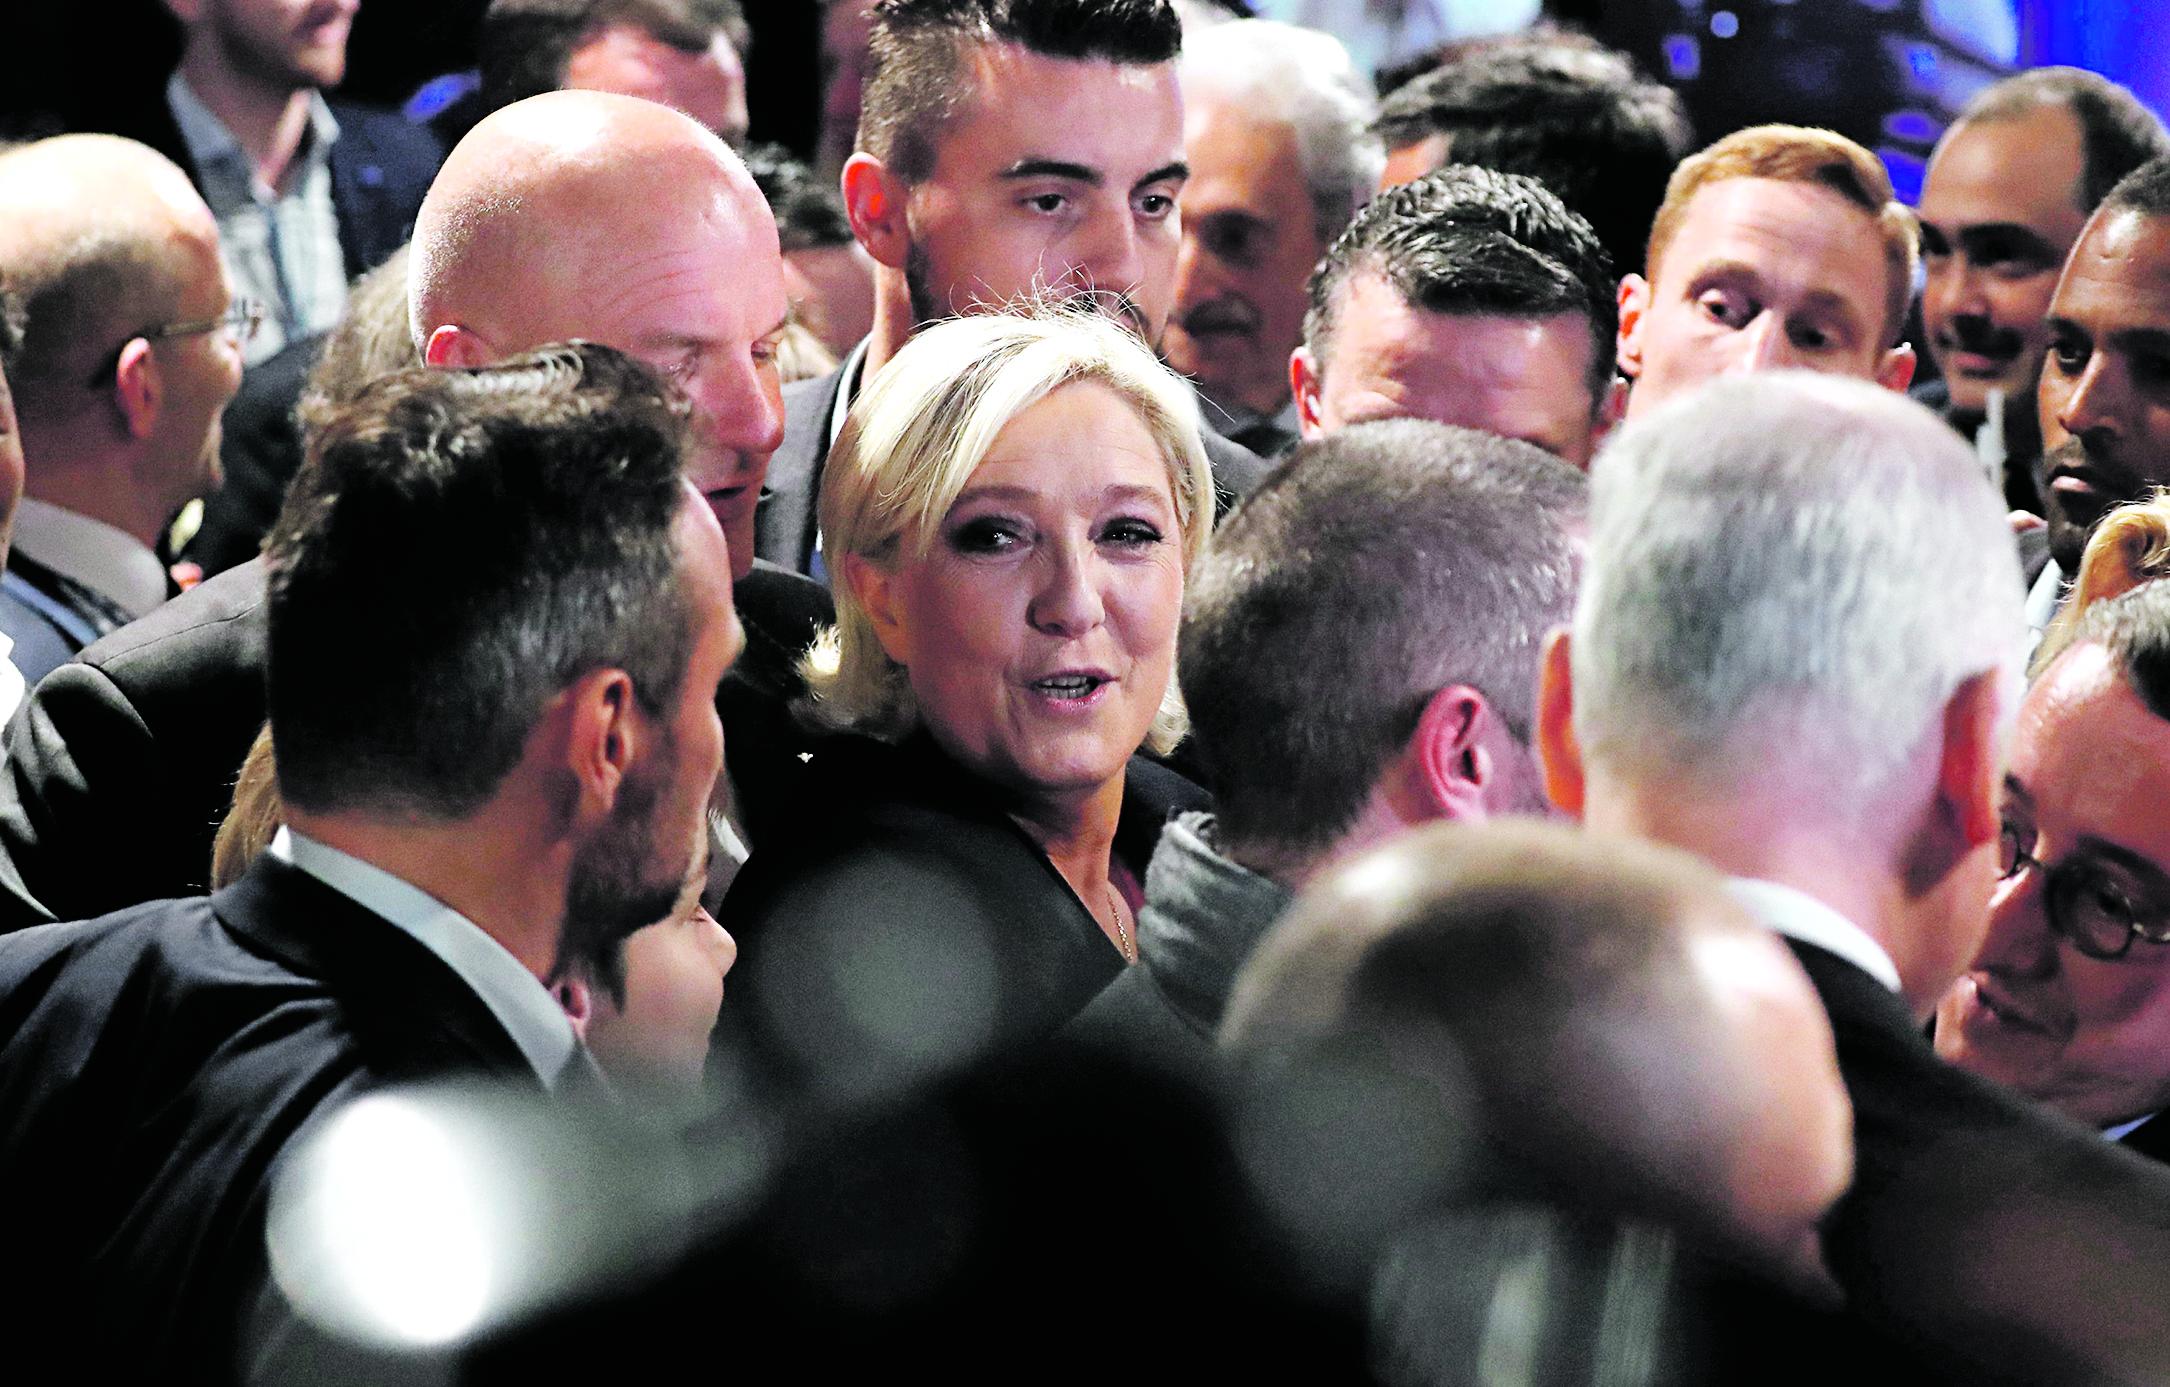 Marine Le Pen vjeruje da joj podrška od 34 posto s predsjedničkih izbora može pomoći da konačno uvede svoju stranku u Narodnu skupštinu te da postanu aktivni čimbenik u definiranju domaće politike, a ne samo stranka koja uspijeva lokalno